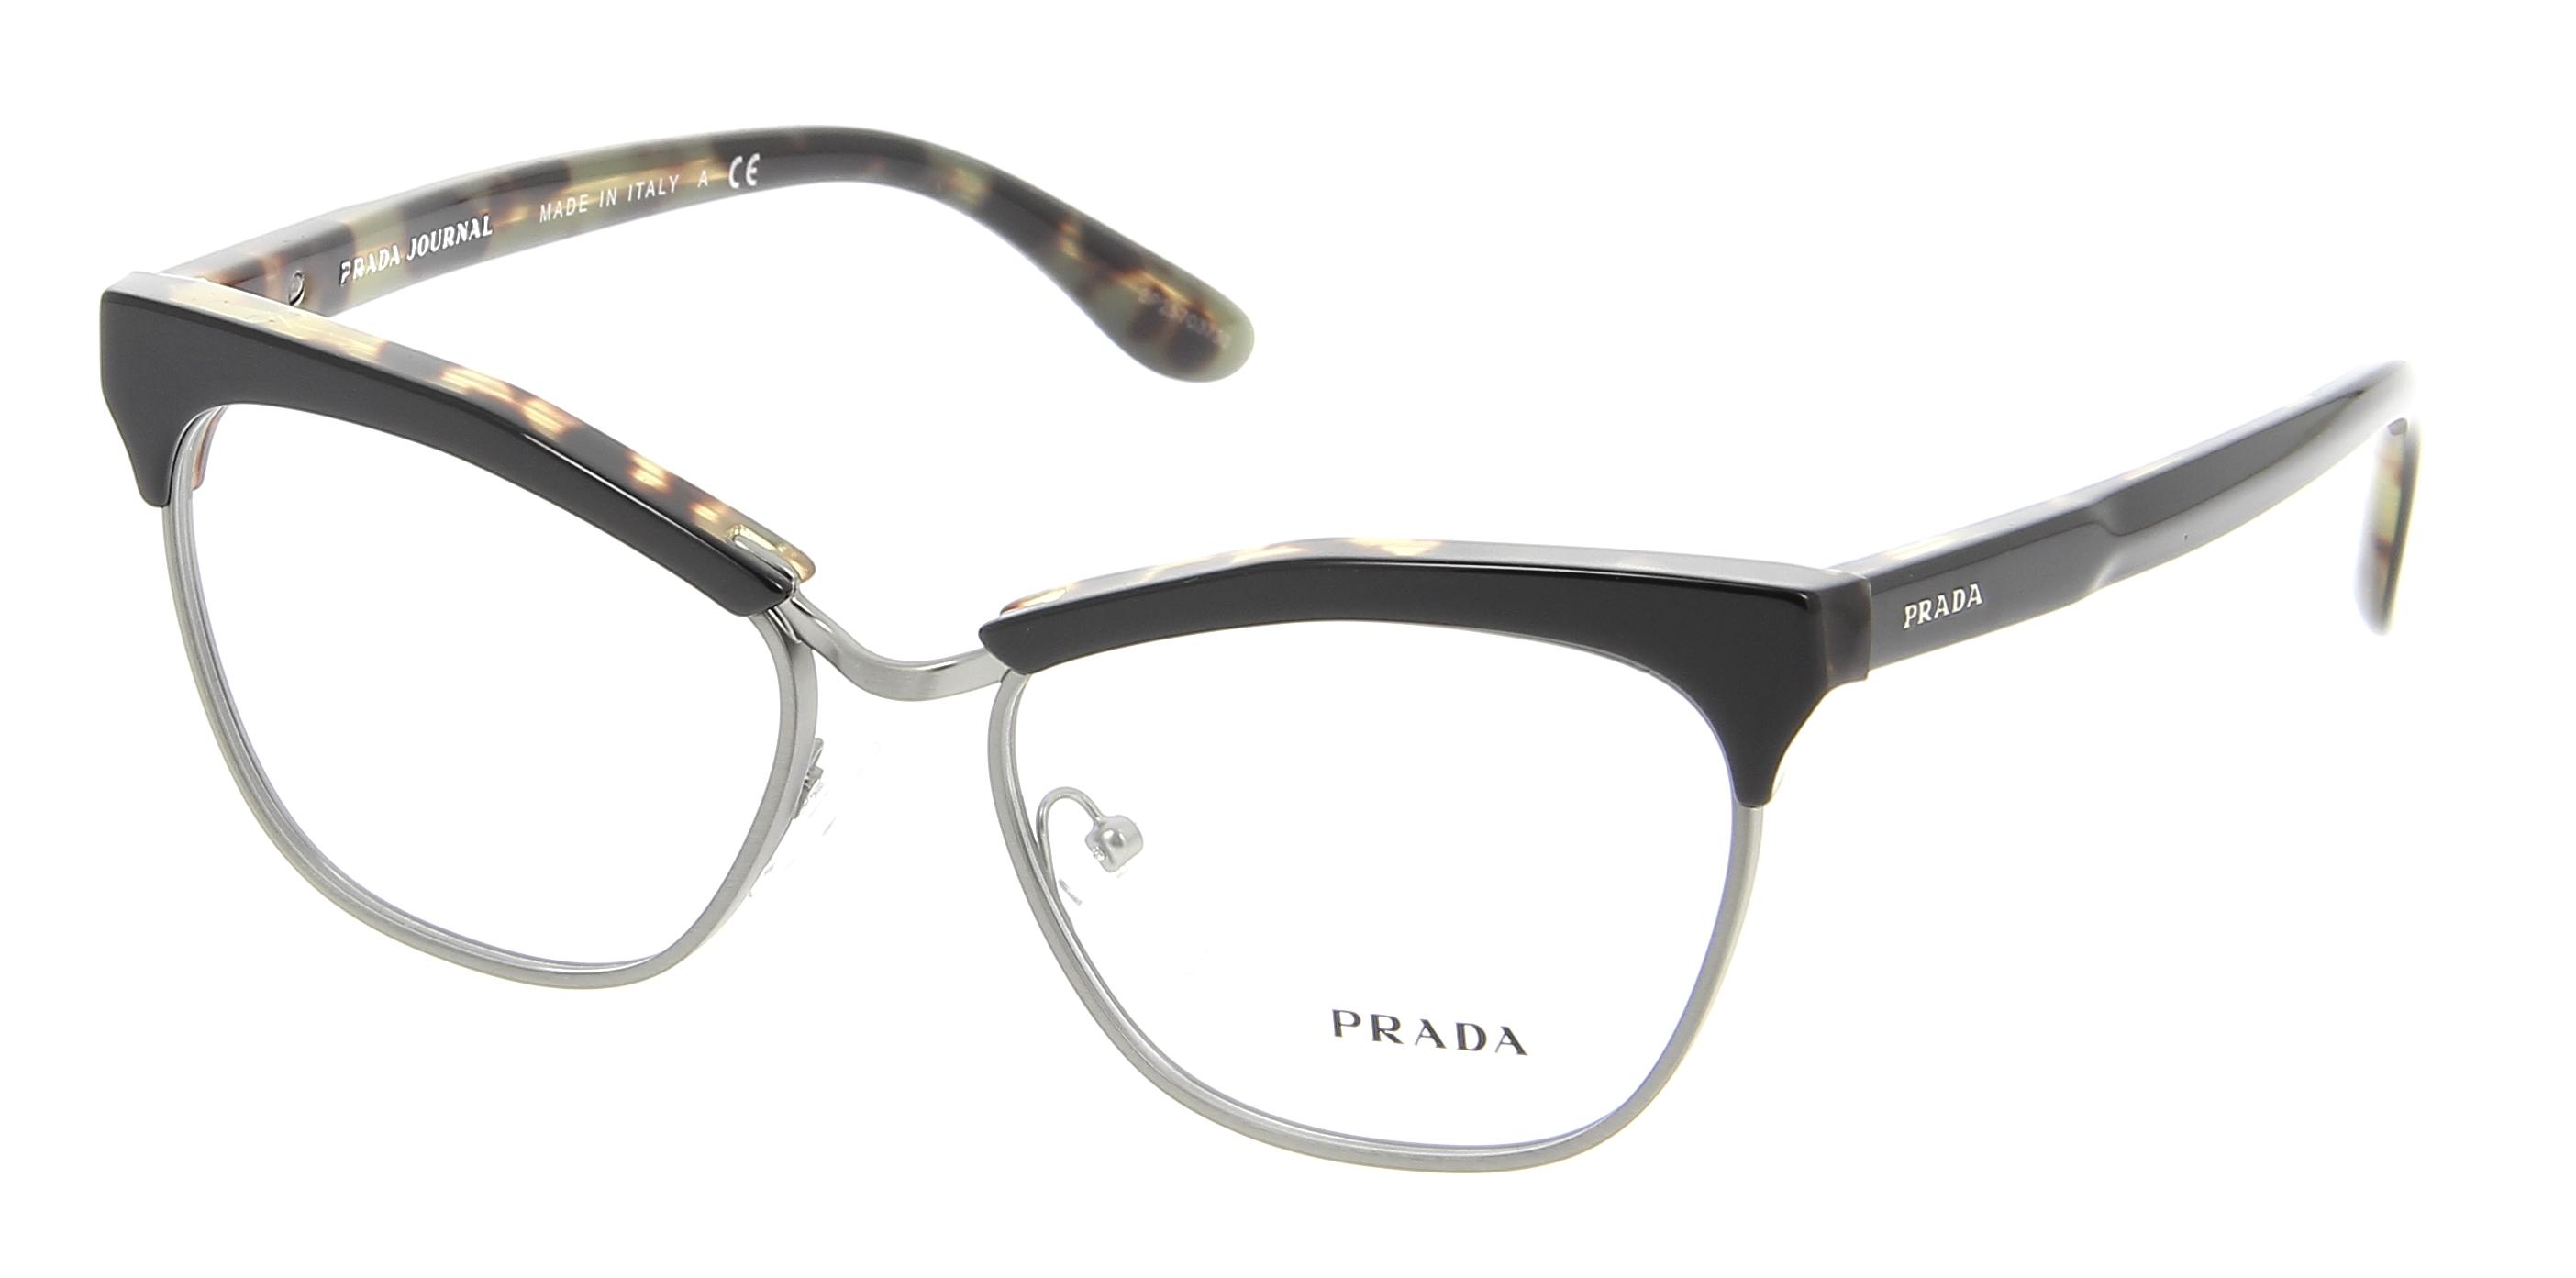 lunettes de vue prada. Black Bedroom Furniture Sets. Home Design Ideas